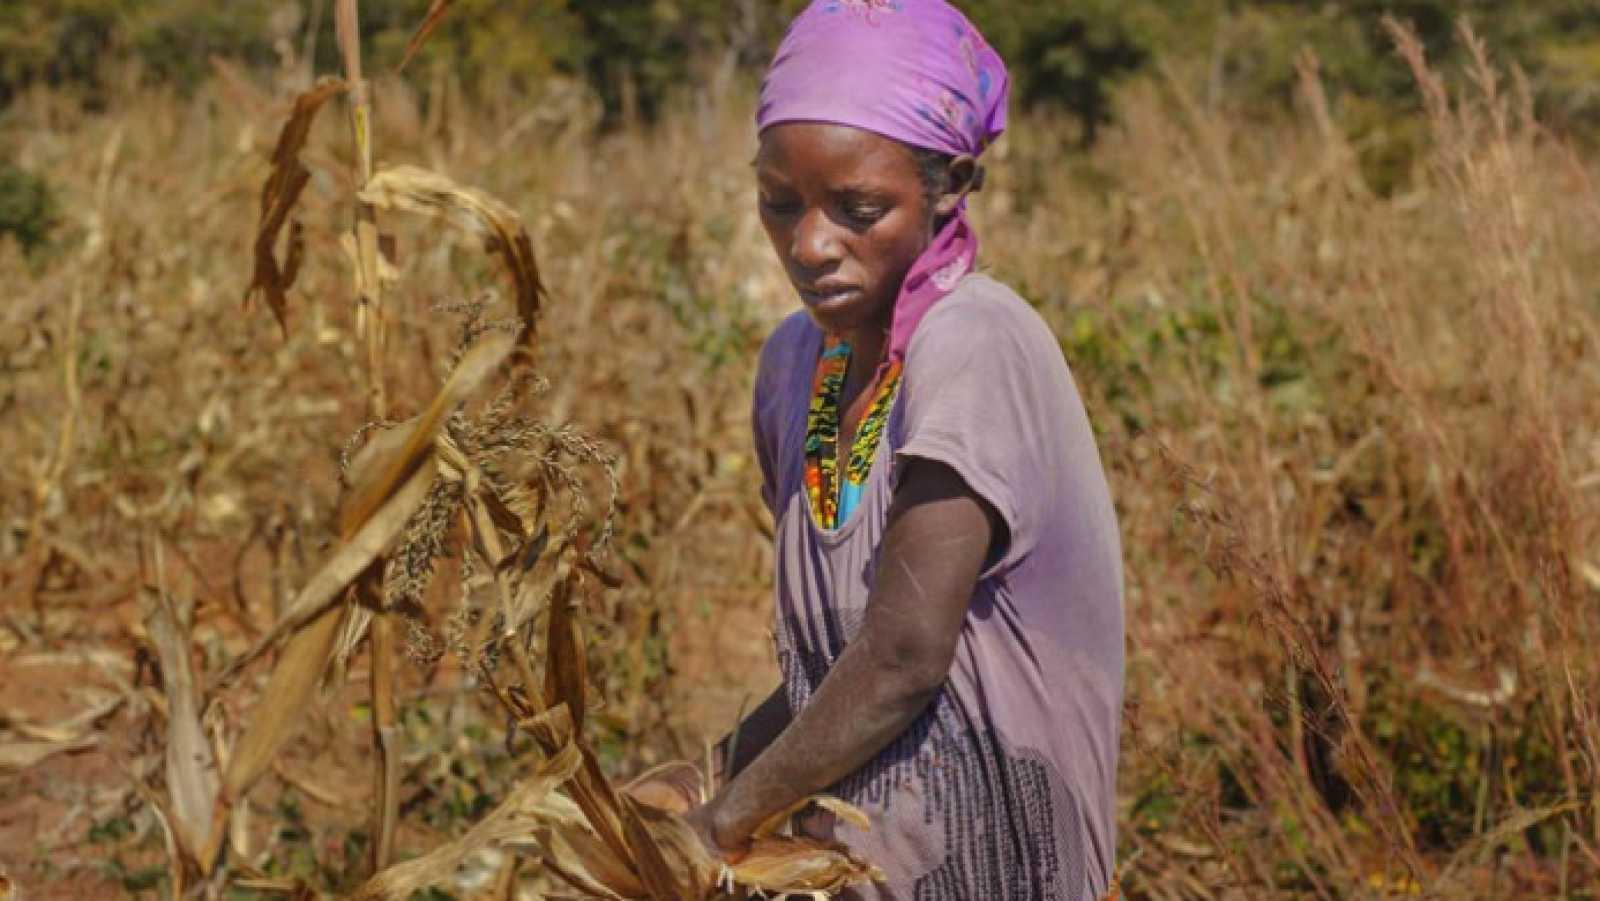 África hoy - África, la amenaza de la pérdida de tierras en Angola, proyecto de Fundación Codespa - 15/12/20 - escuchar ahora